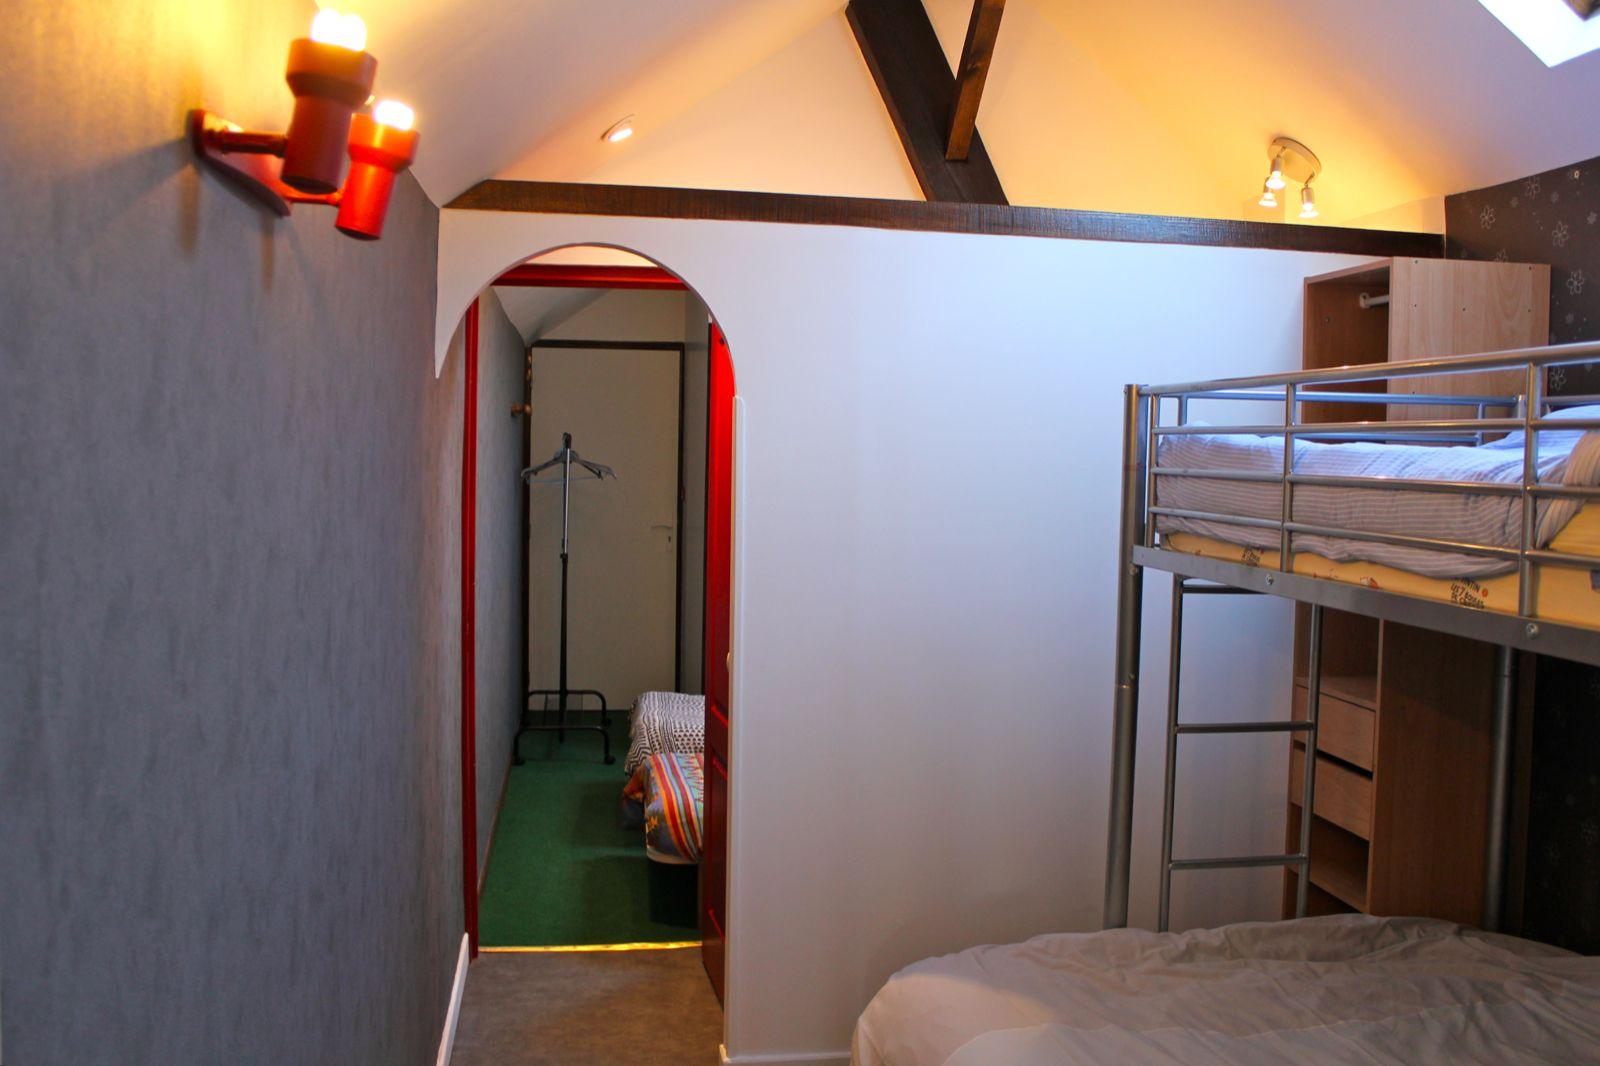 Moulin du daumail les 2 petites chambres for 2 chambres communicantes